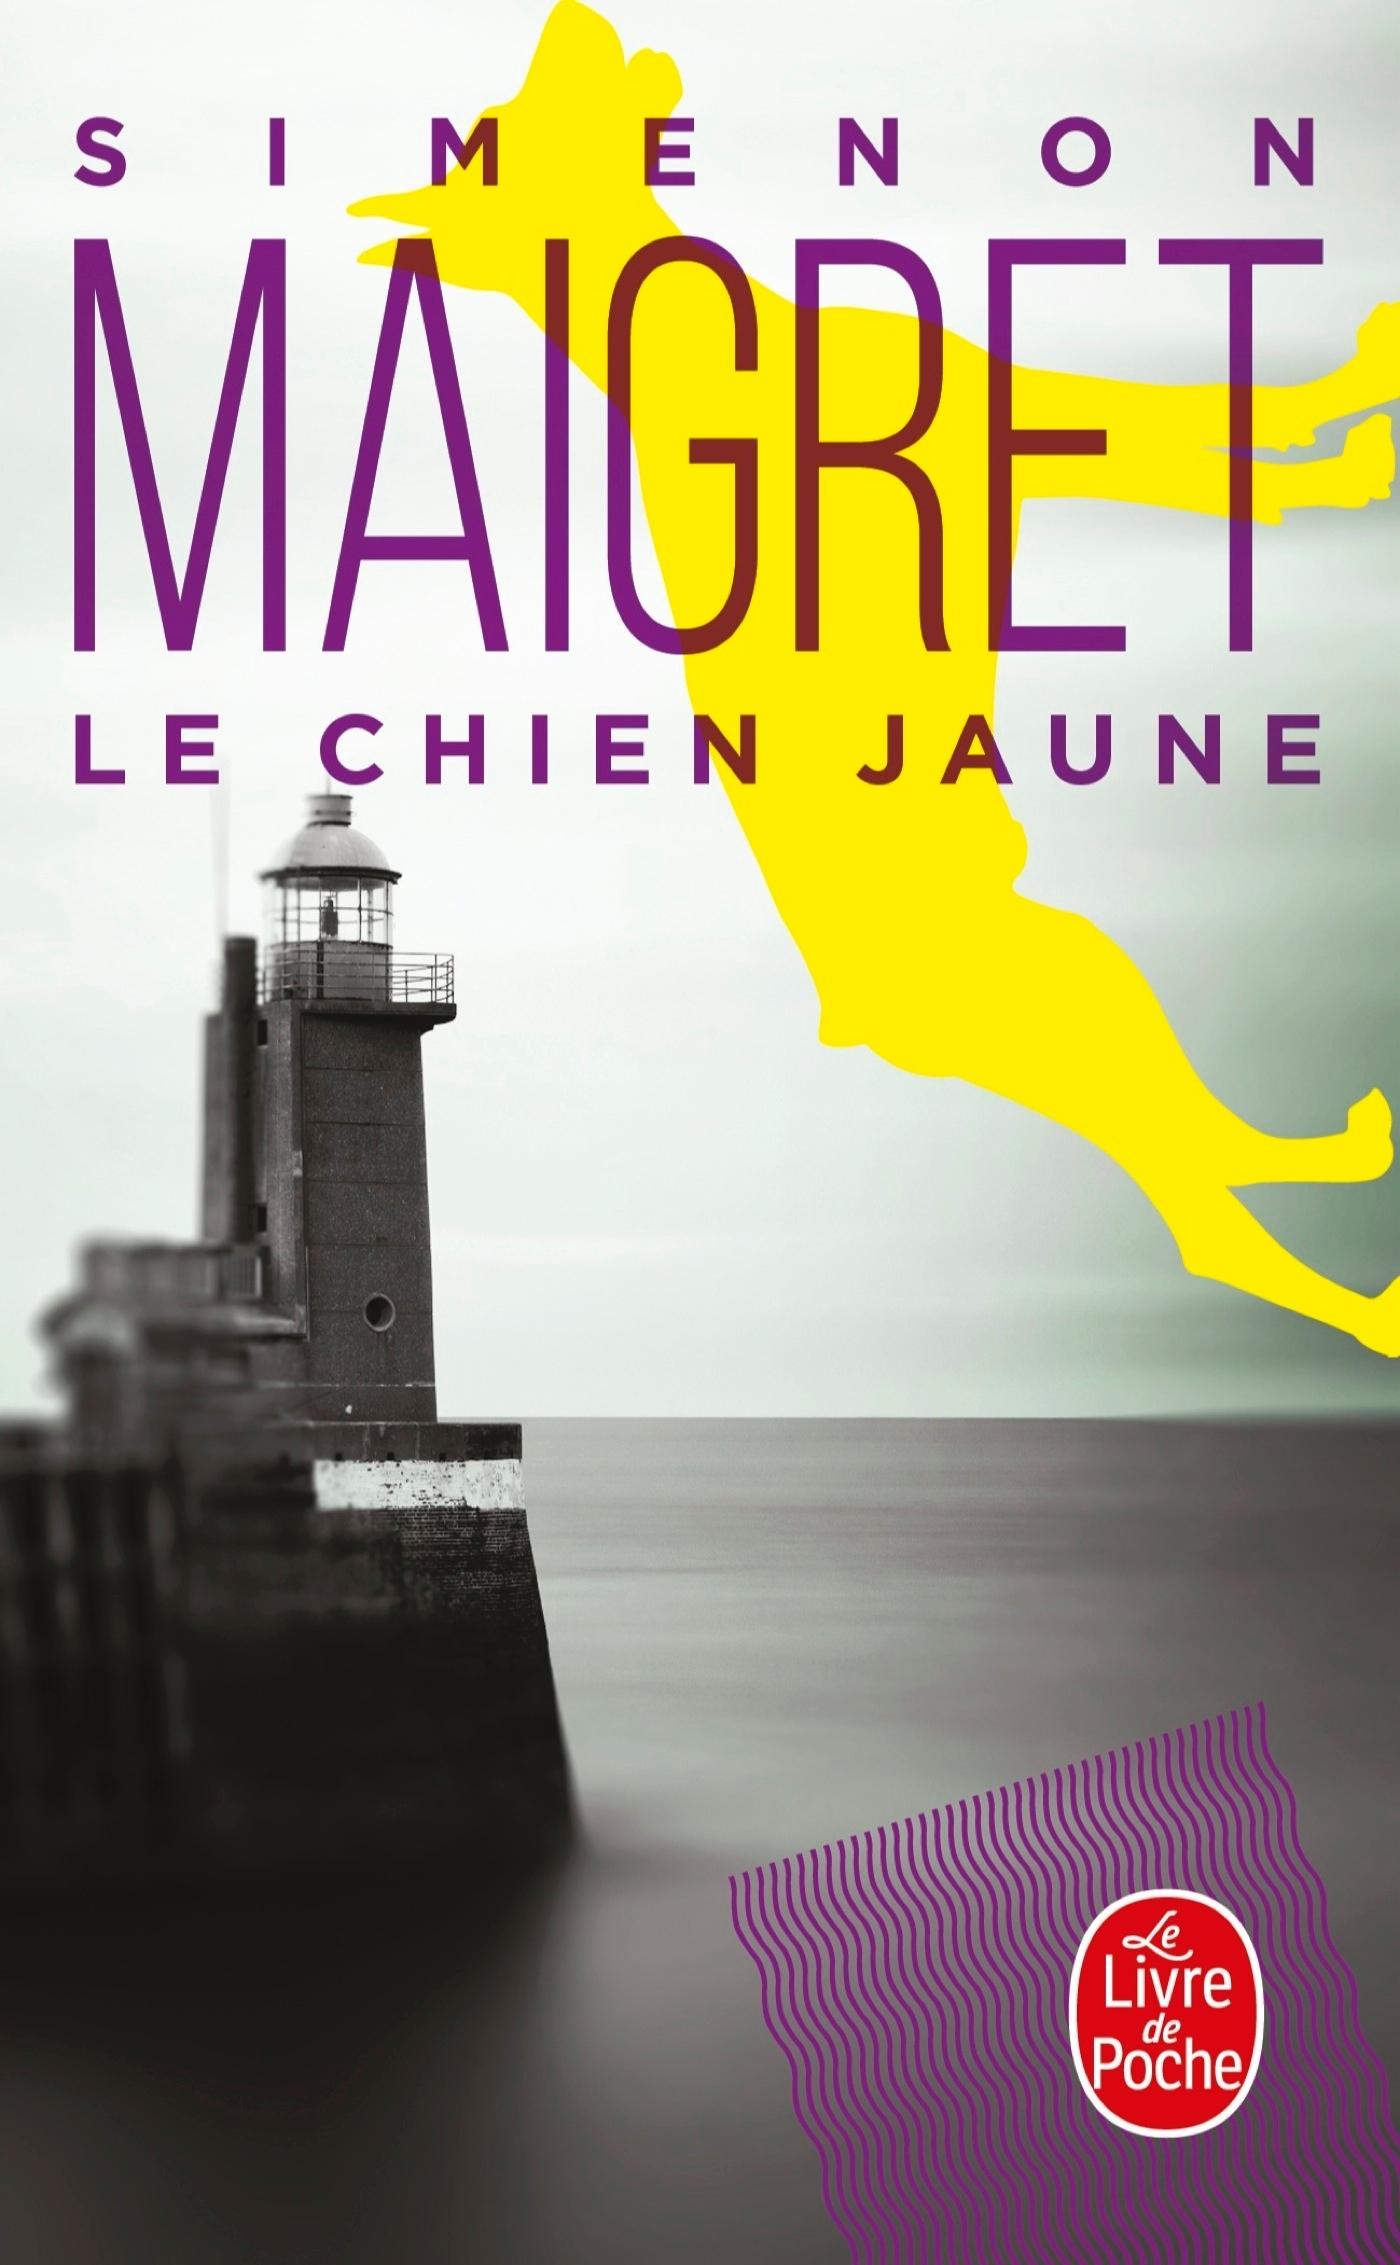 MAIGRET - LE CHIEN JAUNE